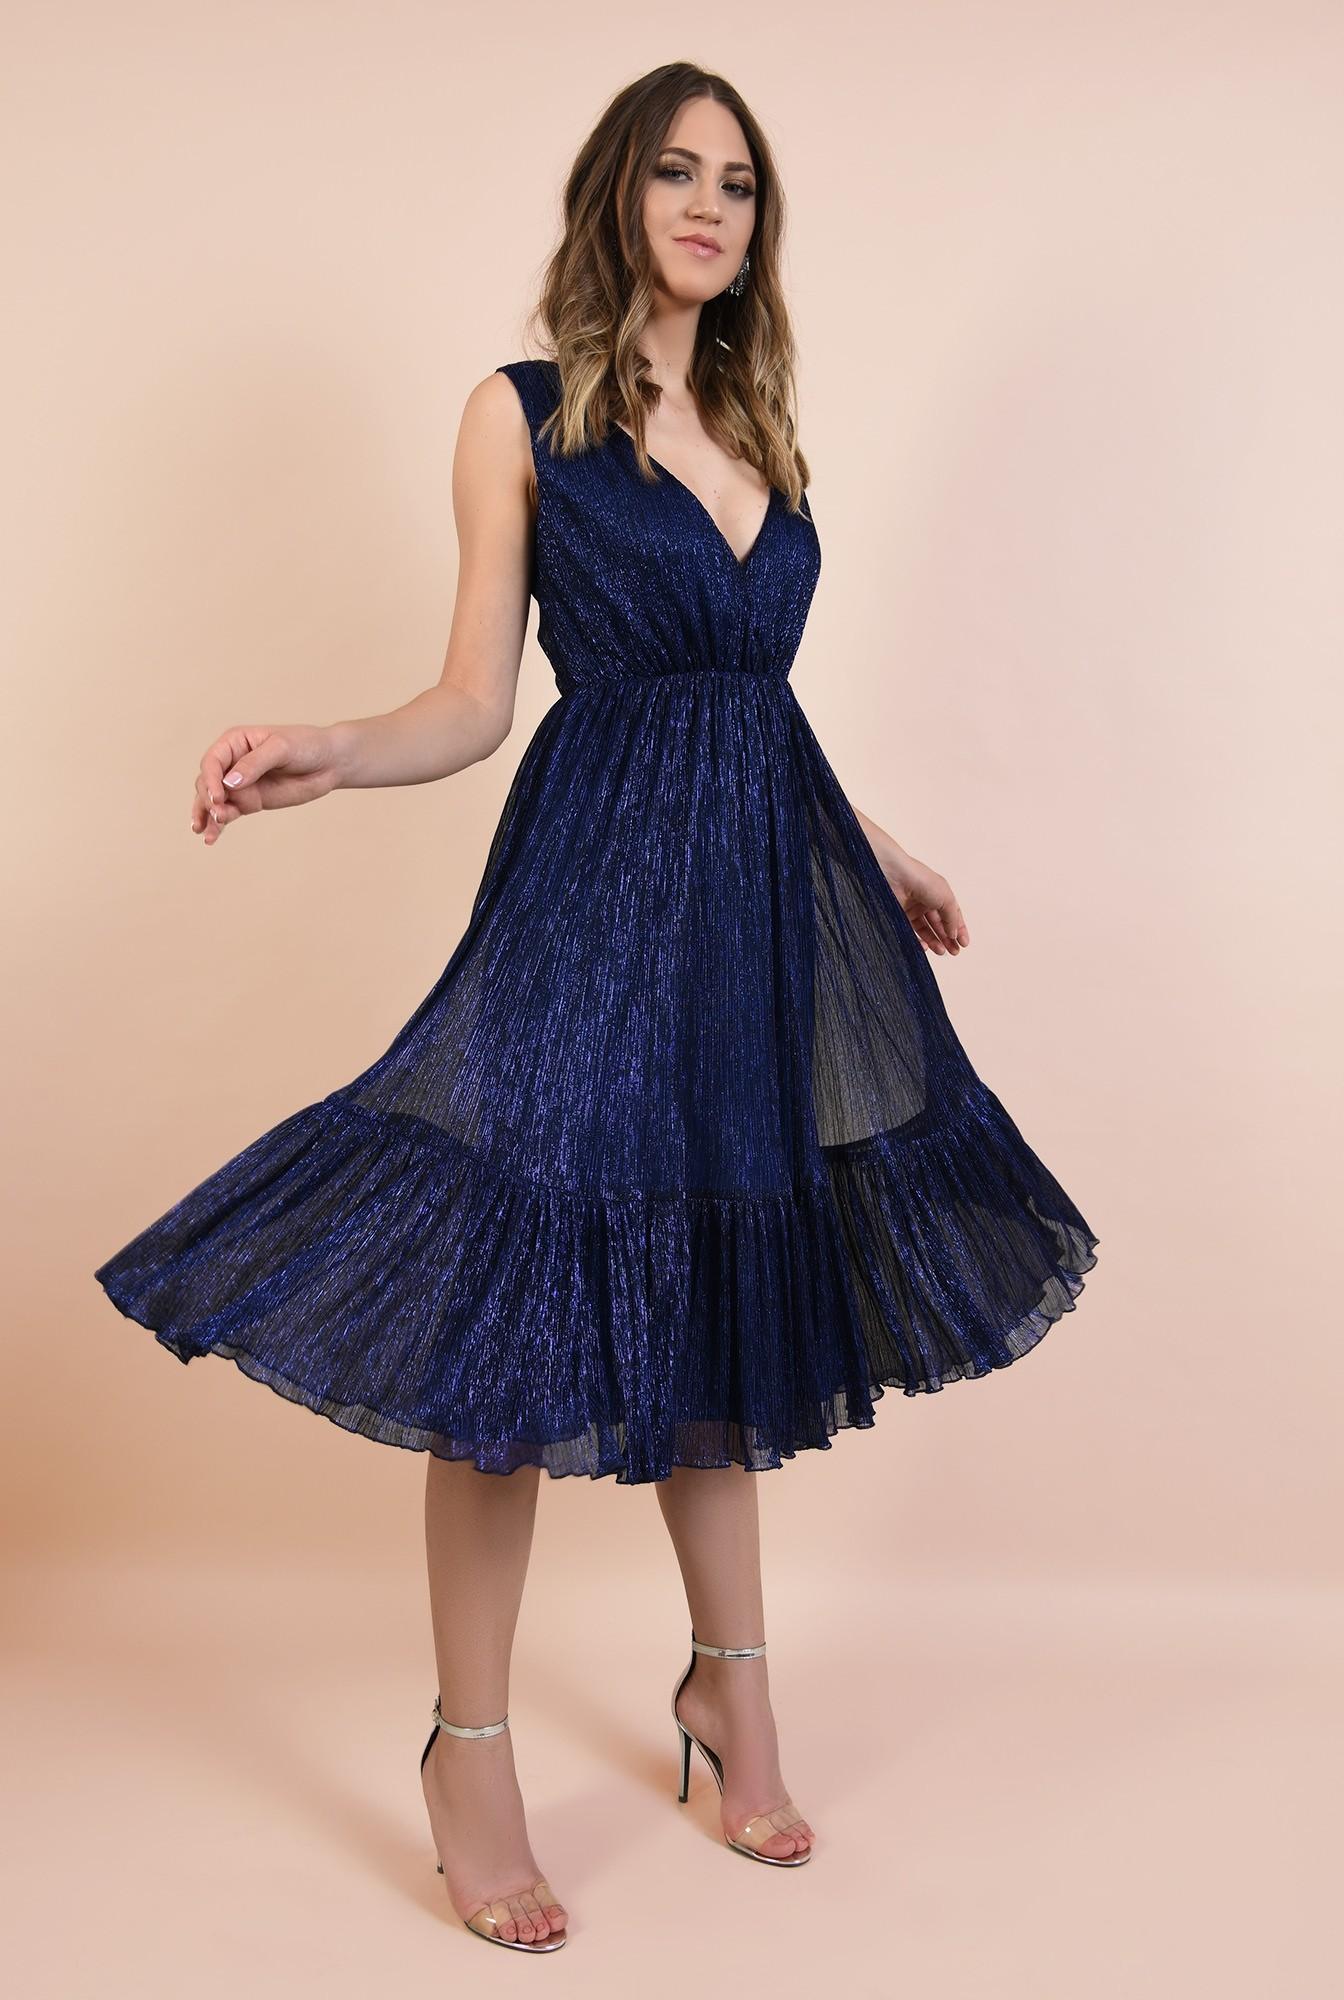 rochie de seara, din lurex, elastic la talie, anchior petrecut, albastra, Poema